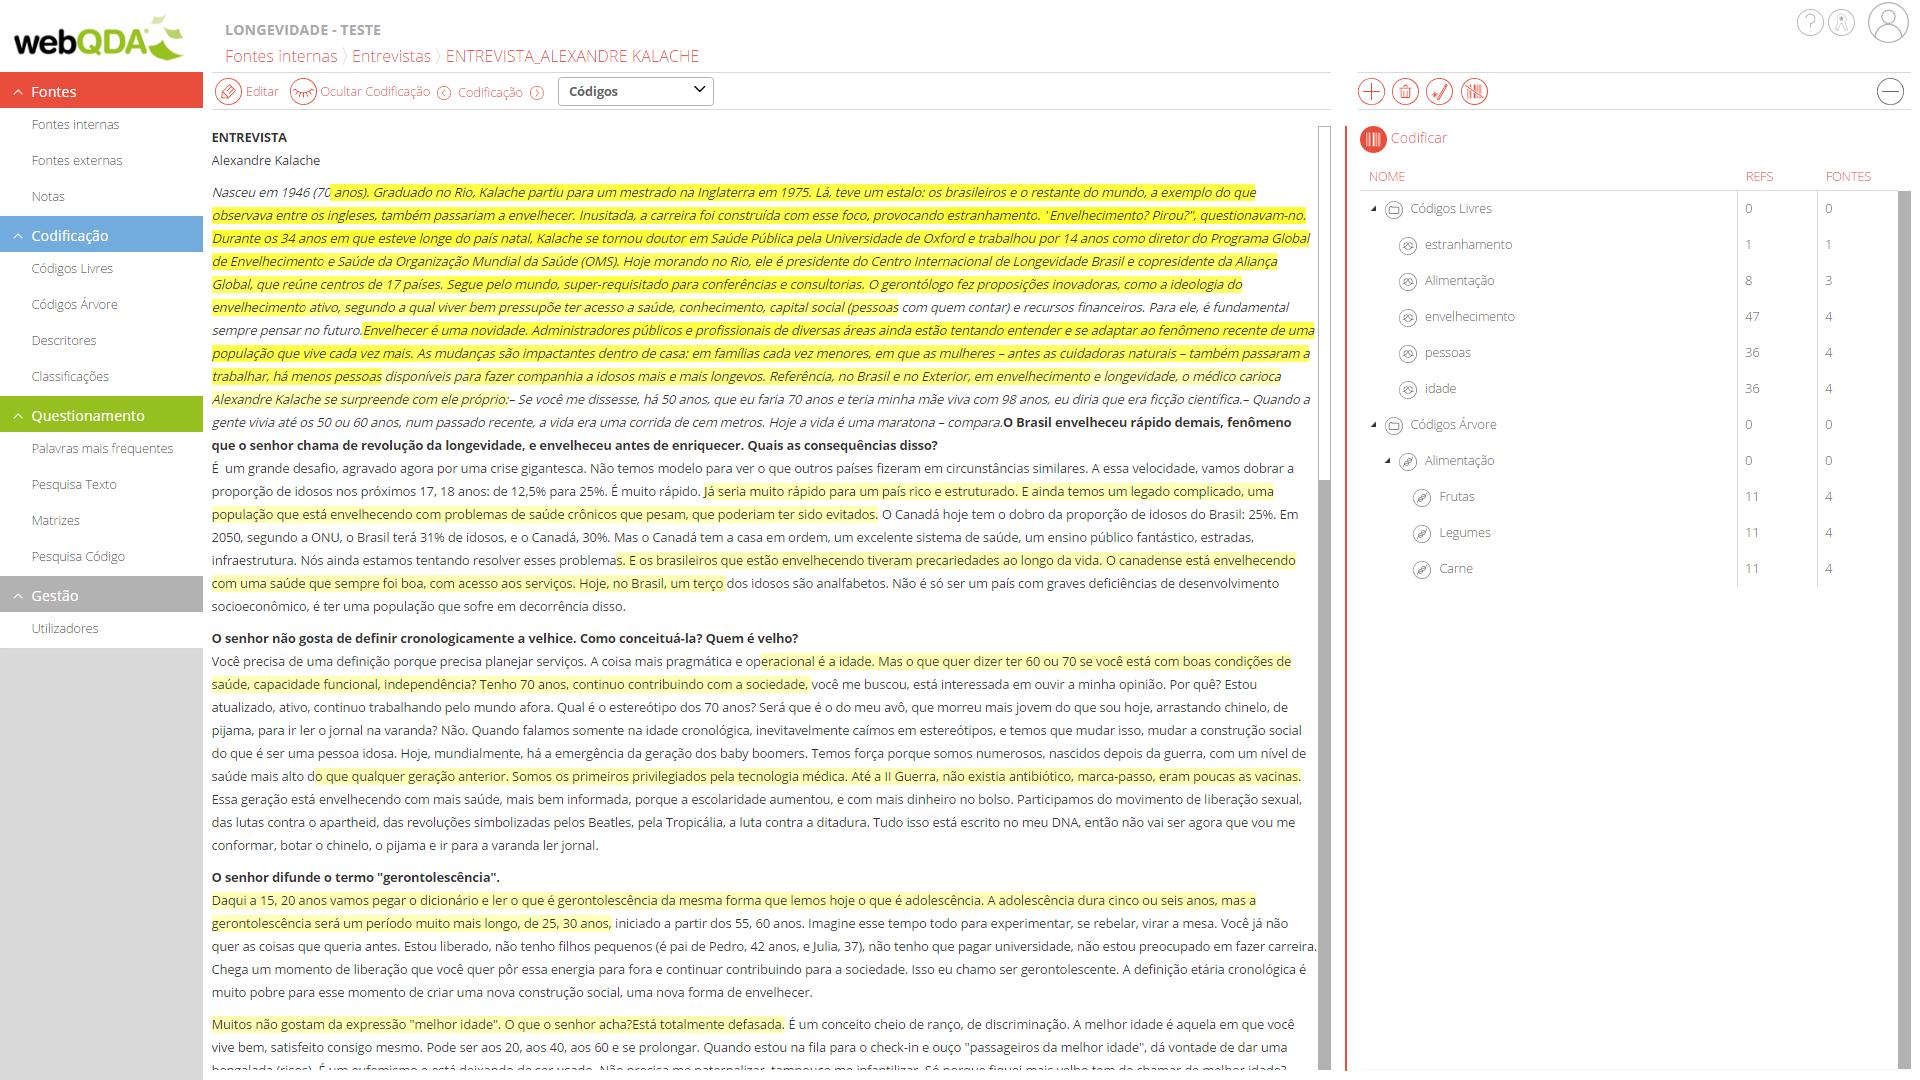 webQDA fontes internas codificação